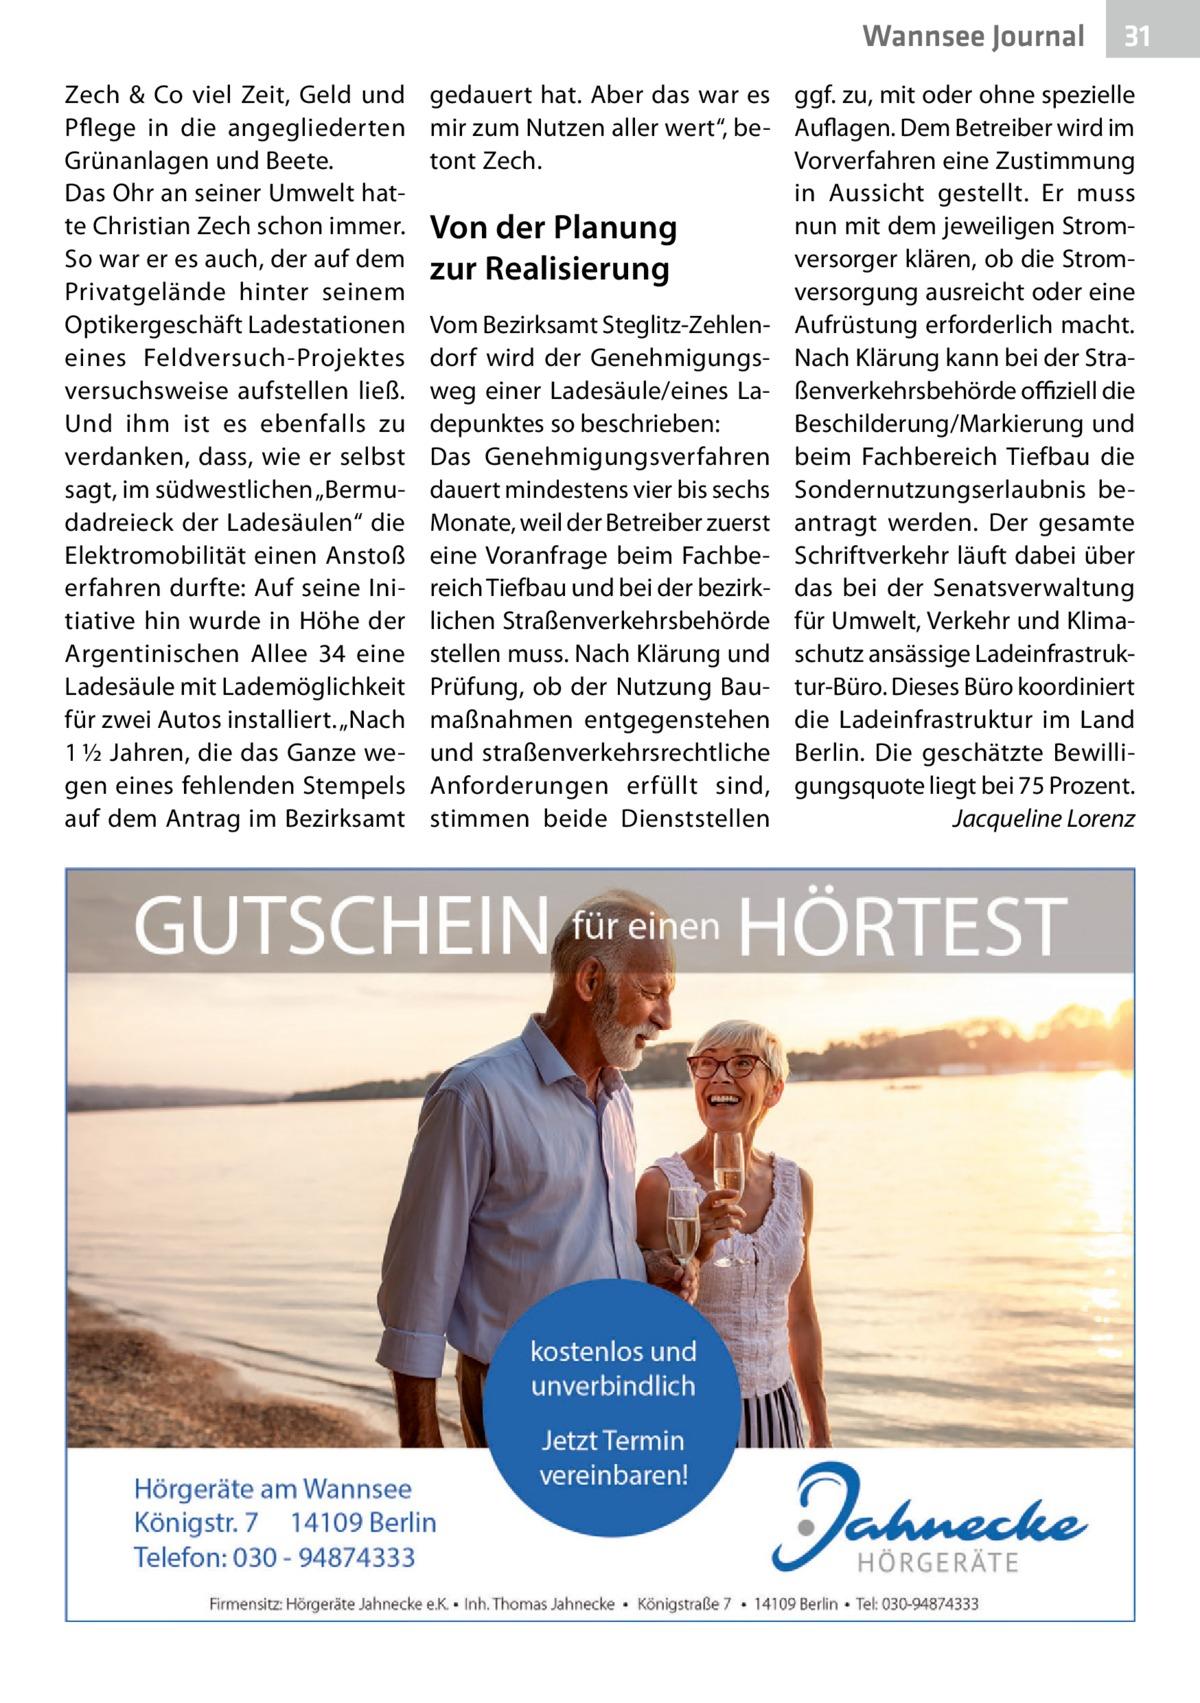 """Wannsee Gesundheit Journal Zech & Co viel Zeit, Geld und Pflege in die angegliederten Grünanlagen und Beete. Das Ohr an seiner Umwelt hatte Christian Zech schon immer. So war er es auch, der auf dem Privatgelände hinter seinem Optikergeschäft Ladestationen eines Feldversuch-Projektes versuchsweise aufstellen ließ. Und ihm ist es ebenfalls zu verdanken, dass, wie er selbst sagt, im südwestlichen """"Bermudadreieck der Ladesäulen"""" die Elektromobilität einen Anstoß erfahren durfte: Auf seine Initiative hin wurde in Höhe der Argentinischen Allee 34 eine Ladesäule mit Lademöglichkeit für zwei Autos installiert. """"Nach 1½Jahren, die das Ganze wegen eines fehlenden Stempels auf dem Antrag im Bezirksamt  31  gedauert hat. Aber das war es ggf. zu, mit oder ohne spezielle mir zum Nutzen aller wert"""", be- Auflagen. Dem Betreiber wird im Vorverfahren eine Zustimmung tont Zech. in Aussicht gestellt. Er muss nun mit dem jeweiligen StromVon der Planung versorger klären, ob die Stromzur Realisierung versorgung ausreicht oder eine Vom Bezirksamt Steglitz-Zehlen- Aufrüstung erforderlich macht. dorf wird der Genehmigungs- Nach Klärung kann bei der Straweg einer Ladesäule/eines La- ßenverkehrsbehörde offiziell die depunktes so beschrieben: Beschilderung/Markierung und Das Genehmigungsverfahren beim Fachbereich Tiefbau die dauert mindestens vier bis sechs Sondernutzungserlaubnis beMonate, weil der Betreiber zuerst antragt werden. Der gesamte eine Voranfrage beim Fachbe- Schriftverkehr läuft dabei über reich Tiefbau und bei der bezirk- das bei der Senatsverwaltung lichen Straßenverkehrsbehörde für Umwelt, Verkehr und Klimastellen muss. Nach Klärung und schutz ansässige LadeinfrastrukPrüfung, ob der Nutzung Bau- tur-Büro. Dieses Büro koordiniert maßnahmen entgegenstehen die Ladeinfrastruktur im Land und straßenverkehrsrechtliche Berlin. Die geschätzte BewilliAnforderungen erfüllt sind, gungsquote liegt bei 75Prozent. Jacqueline Lorenz stimmen beide Dienststellen �"""